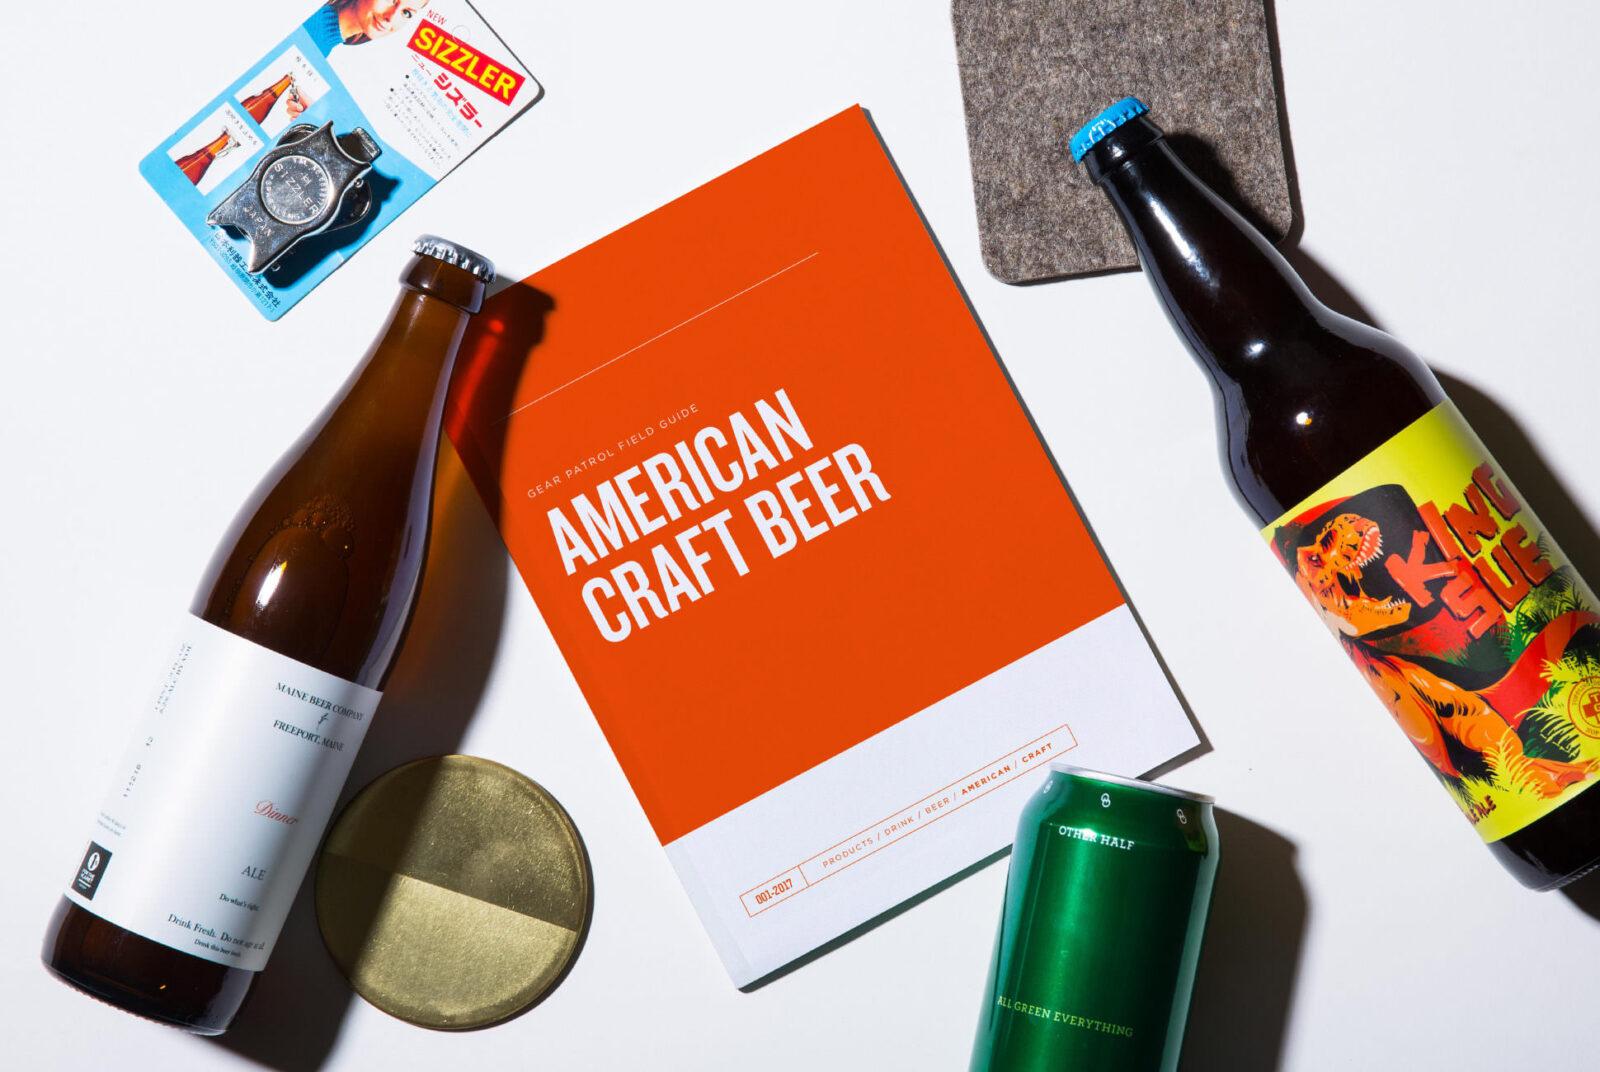 Gear Patrol Field Guide American Craft Beer.jp  1600x1072 - Gear Patrol Field Guide: American Craft Beer